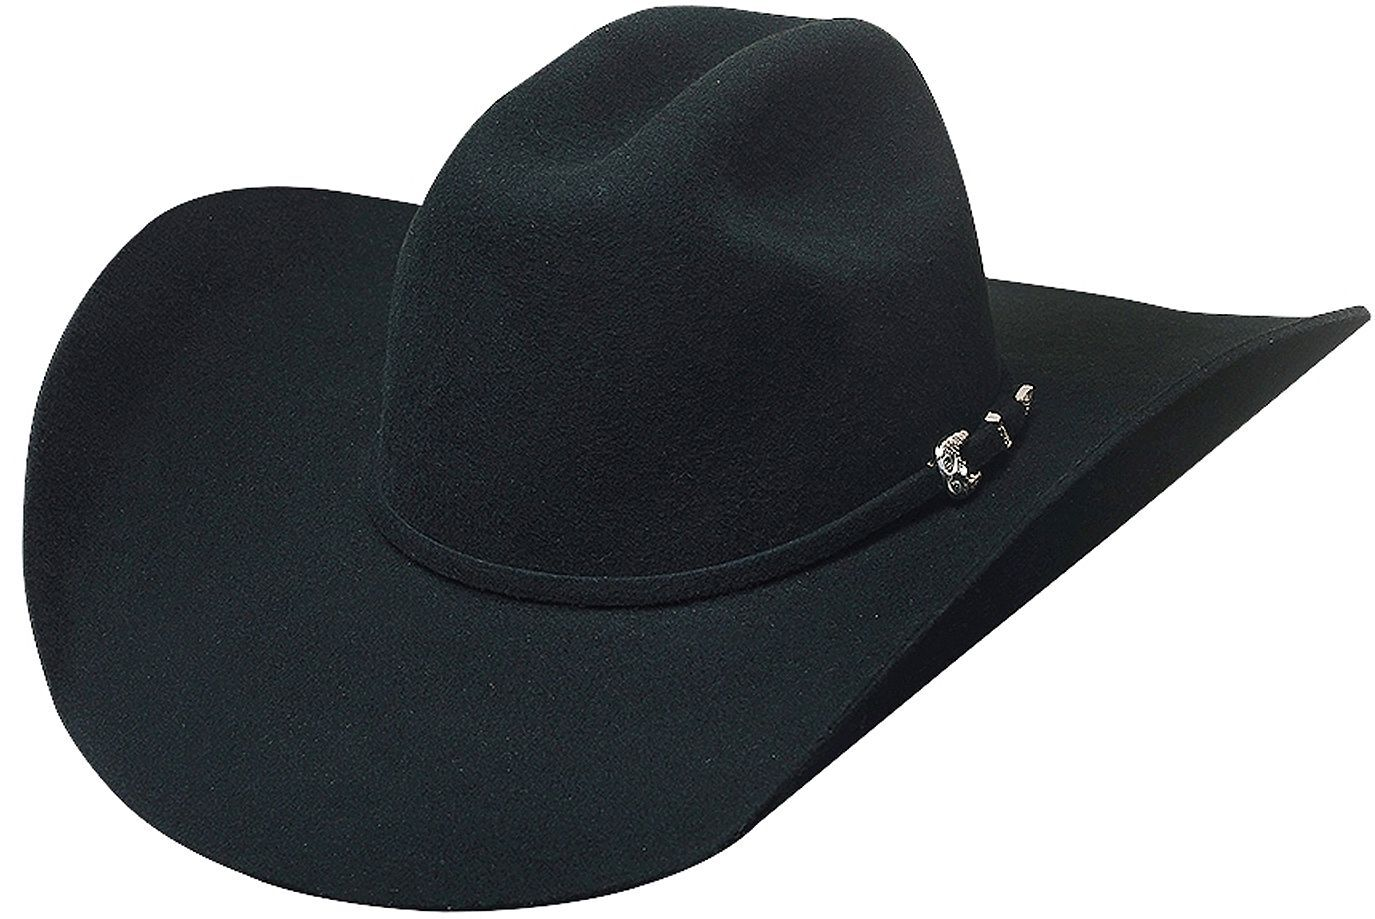 52cbcd390d7 ... promo code for bullhide broken horn 4x wool felt cowboy hat black hi  res e7ecc 1541c